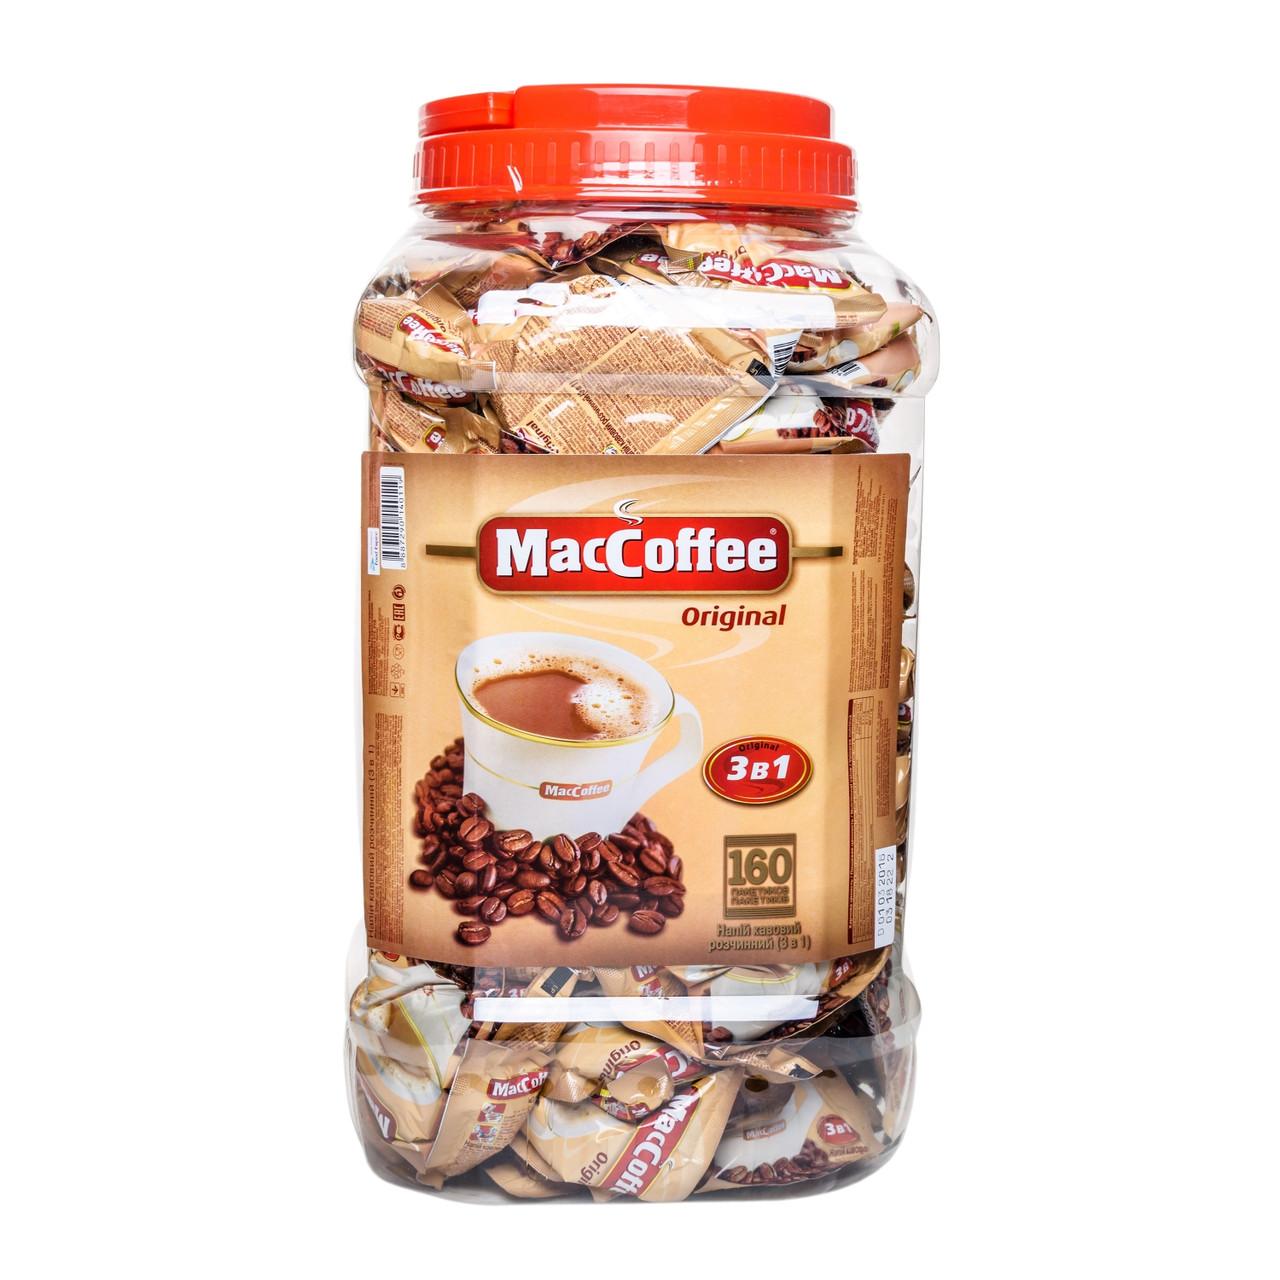 """Кофе растворимый """"MacCoffee"""" original 3в1 п/б 20 г х 160  шт х 6 шт в ящике"""